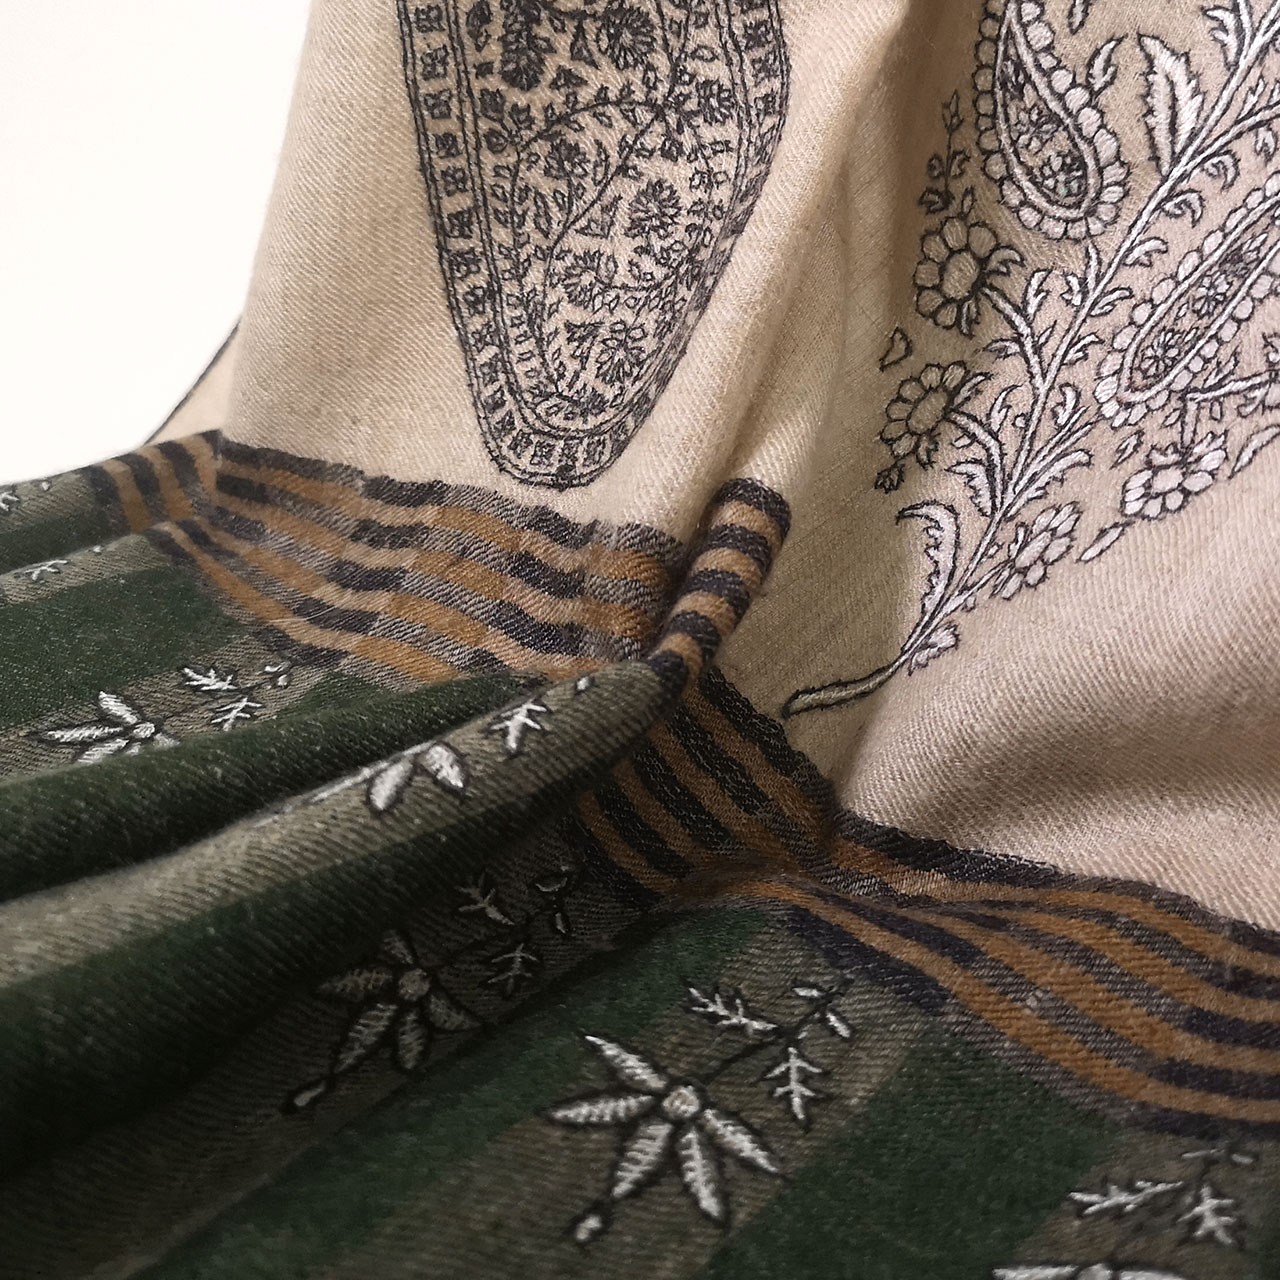 刺繍ショール パシュミナ カシミヤ  [100cm巾] ベージュ02 パーティー 誕生日 プレゼント 秋冬